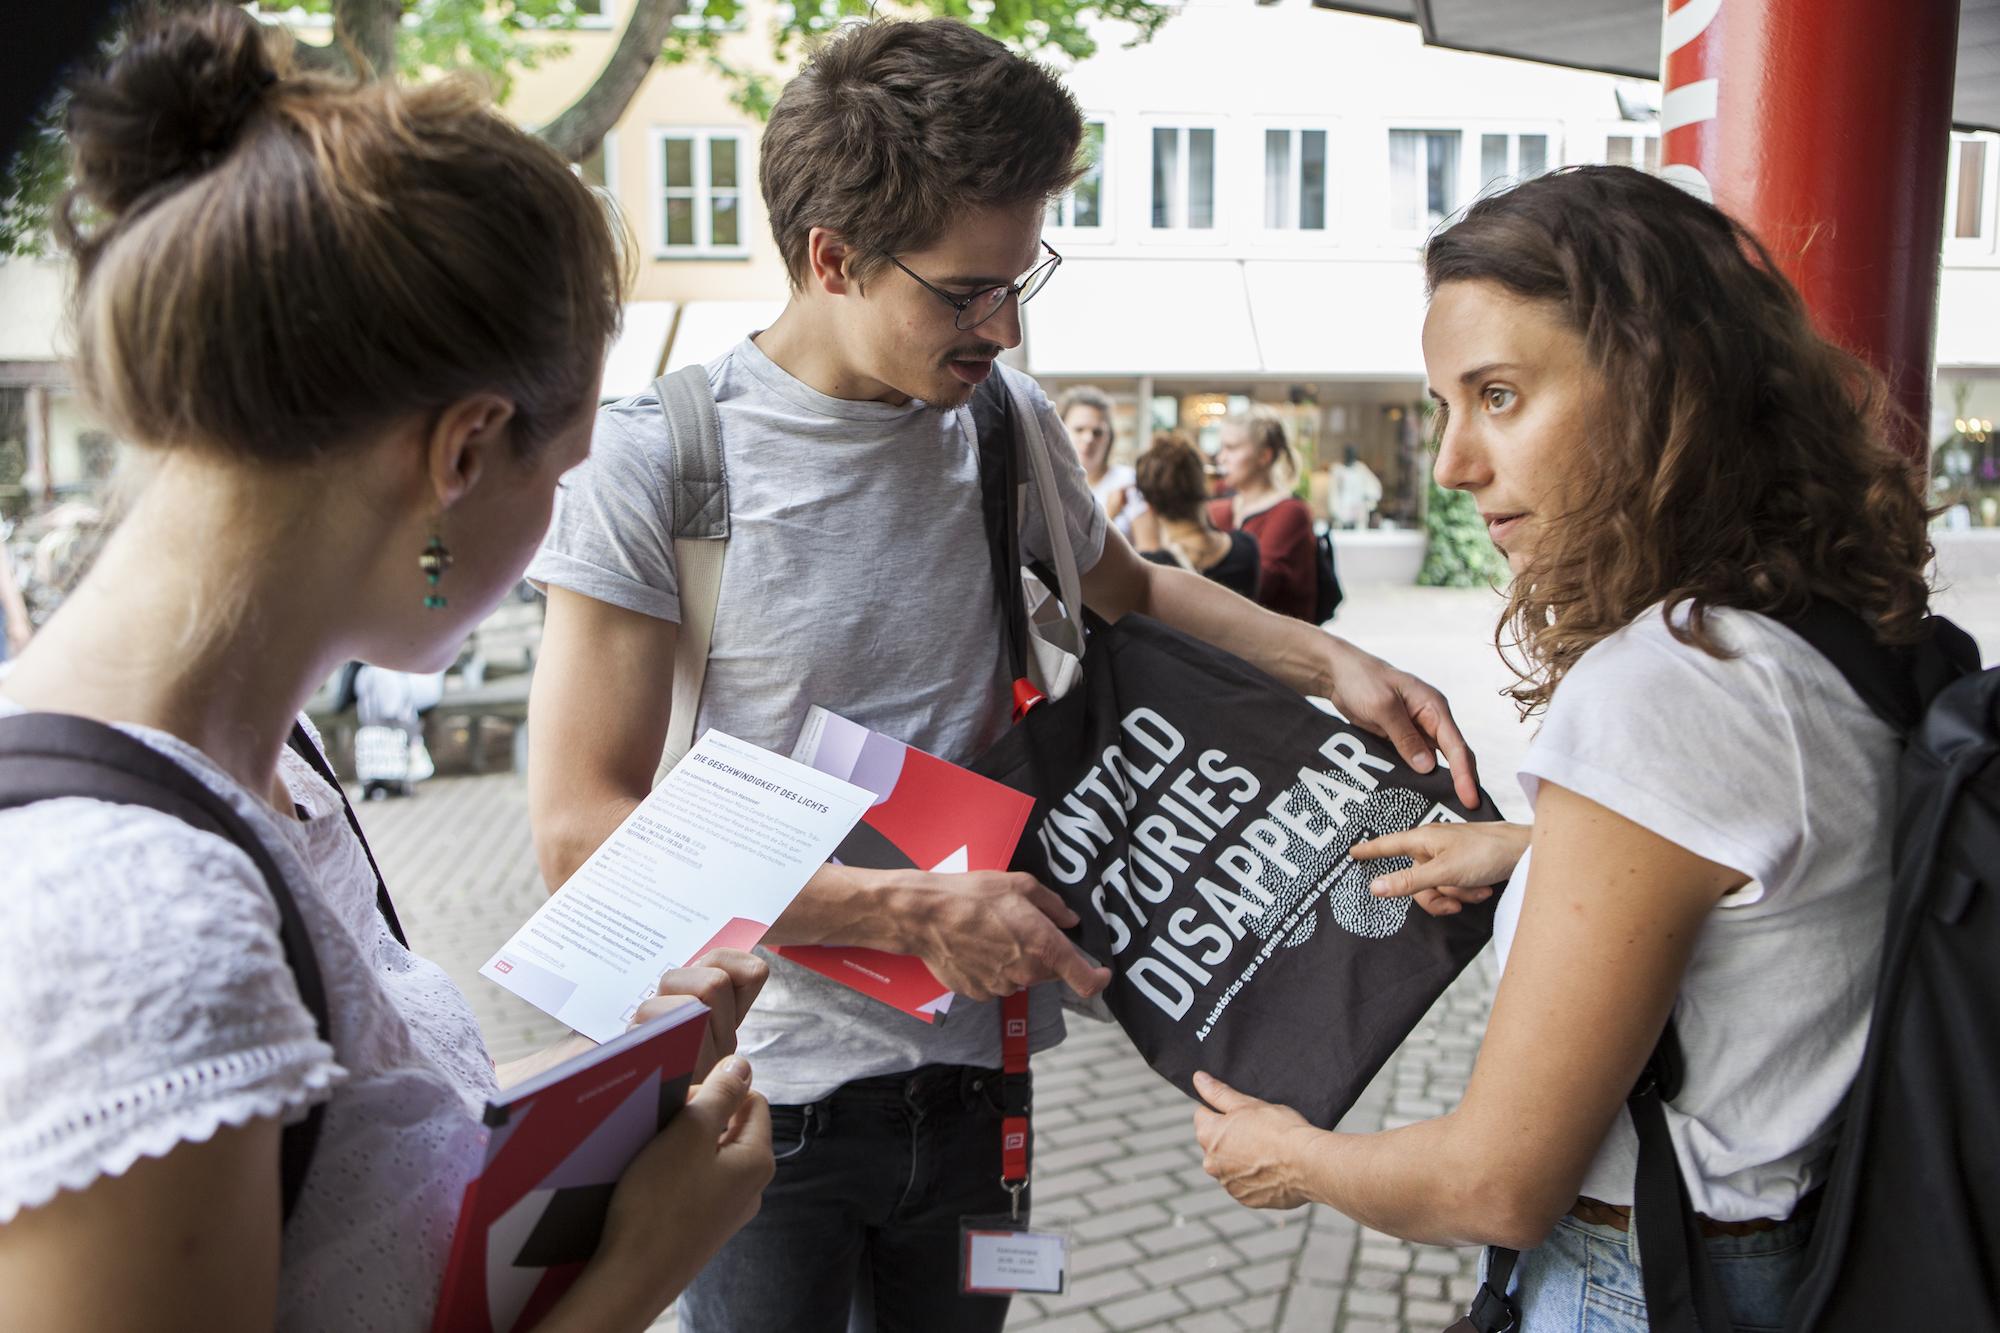 Festivalcampus Theaterformen 01 Foto Lukas Kreibig